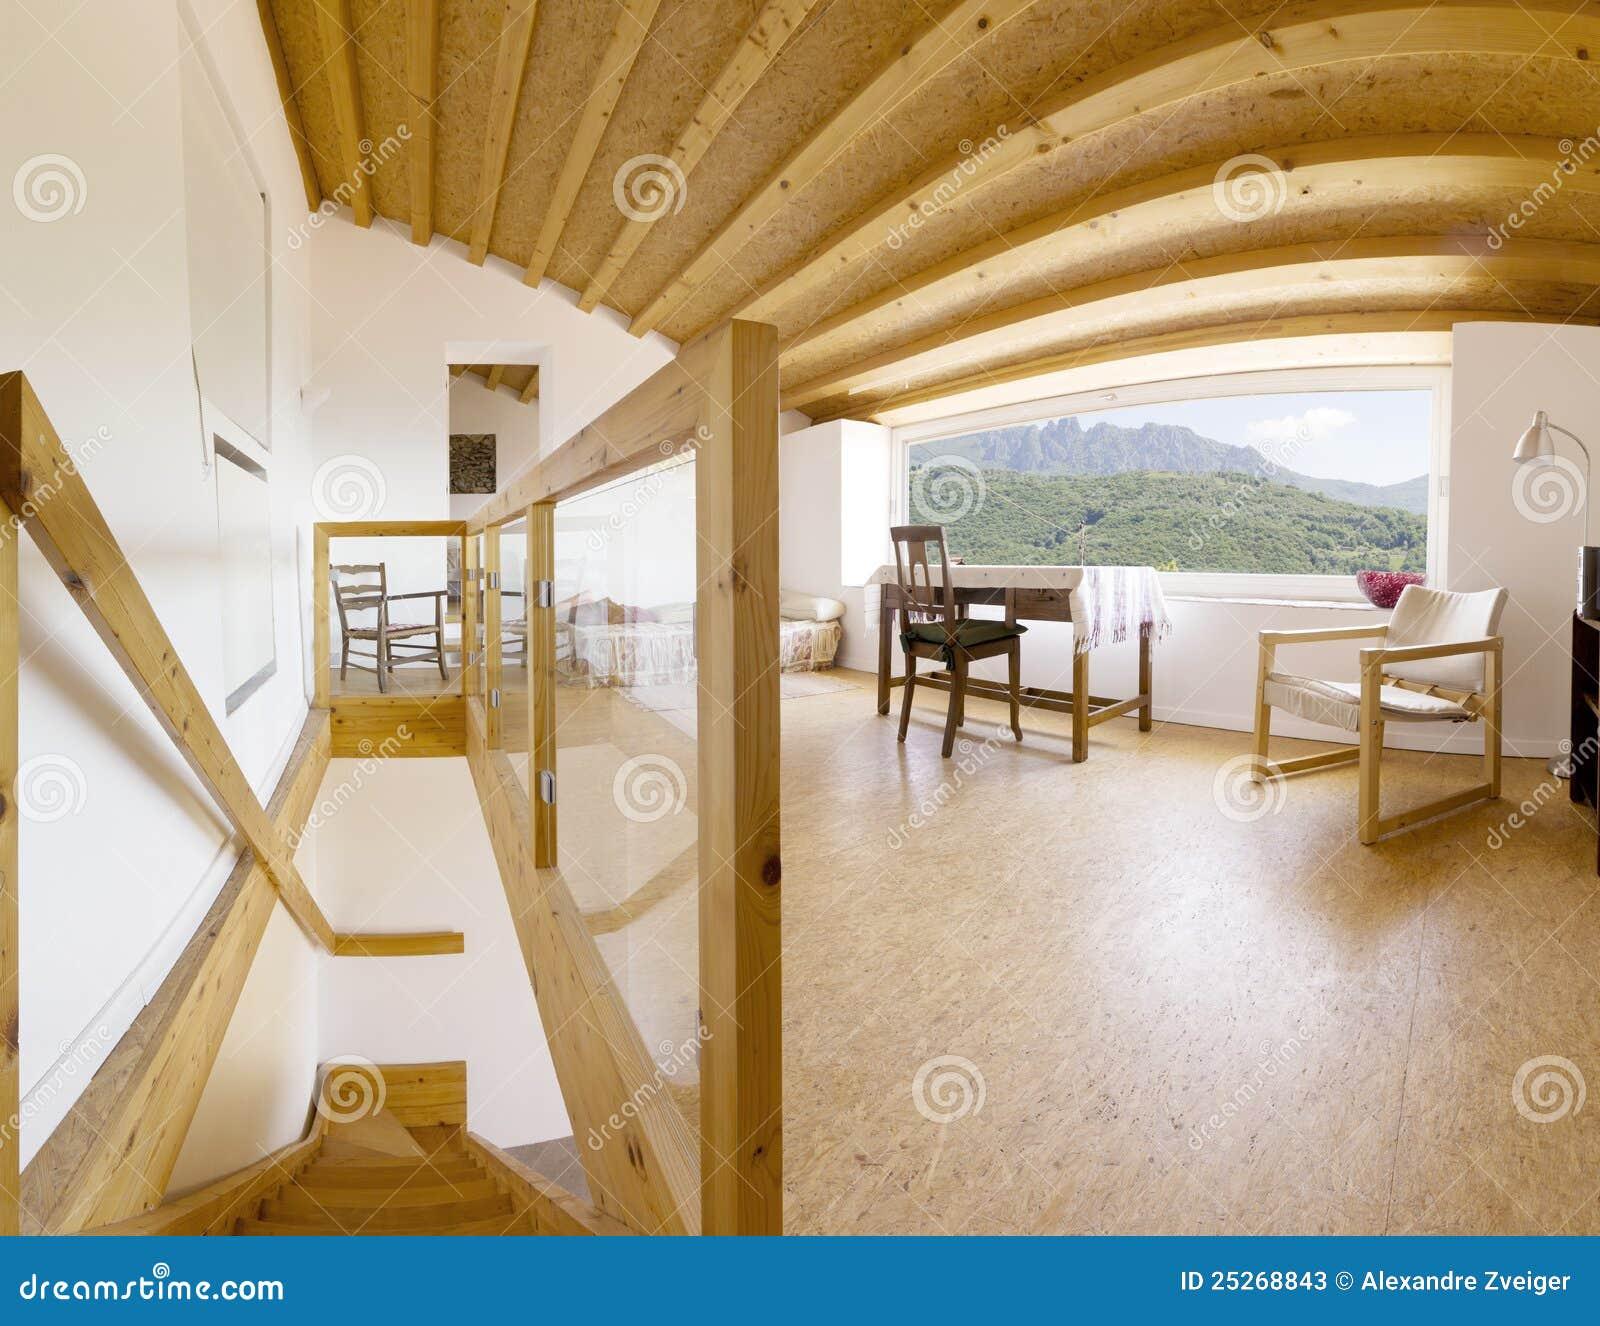 Innen-, modernes Chalet stockbild. Bild von holz, bett - 25268843